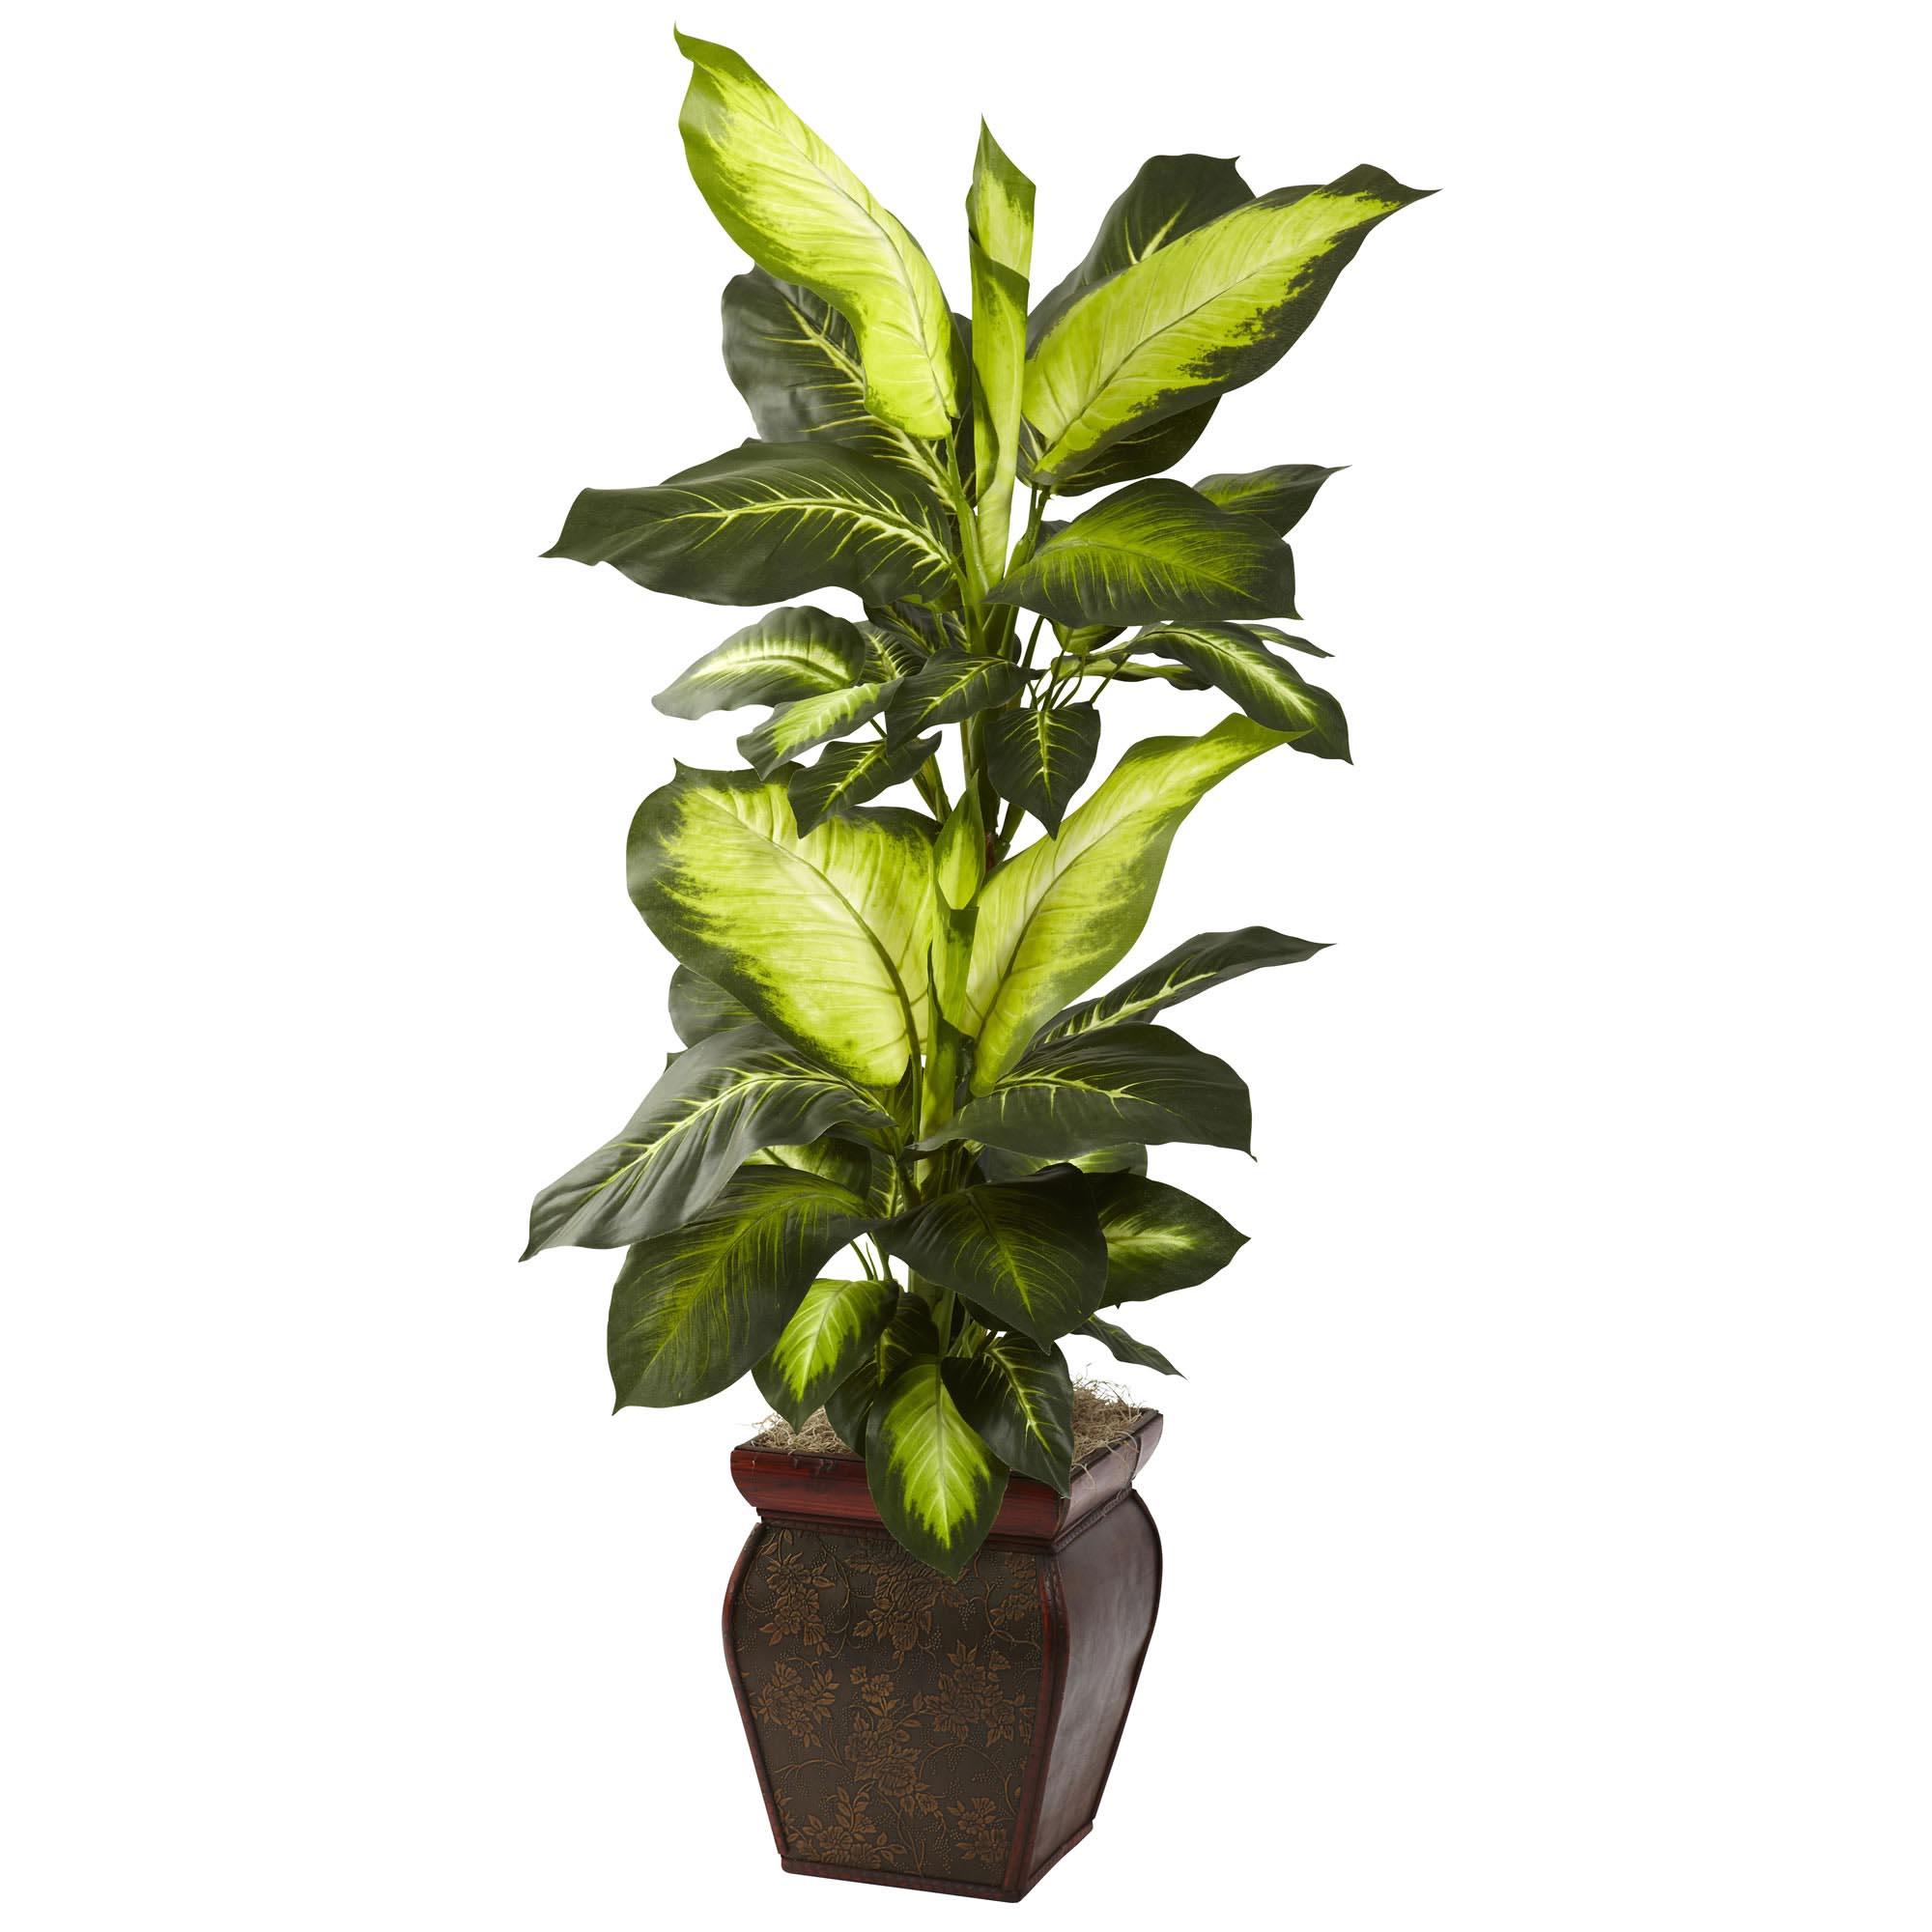 45 inch silk golden dieffenbachia in decorative planter | 6731 Best Silk Plants